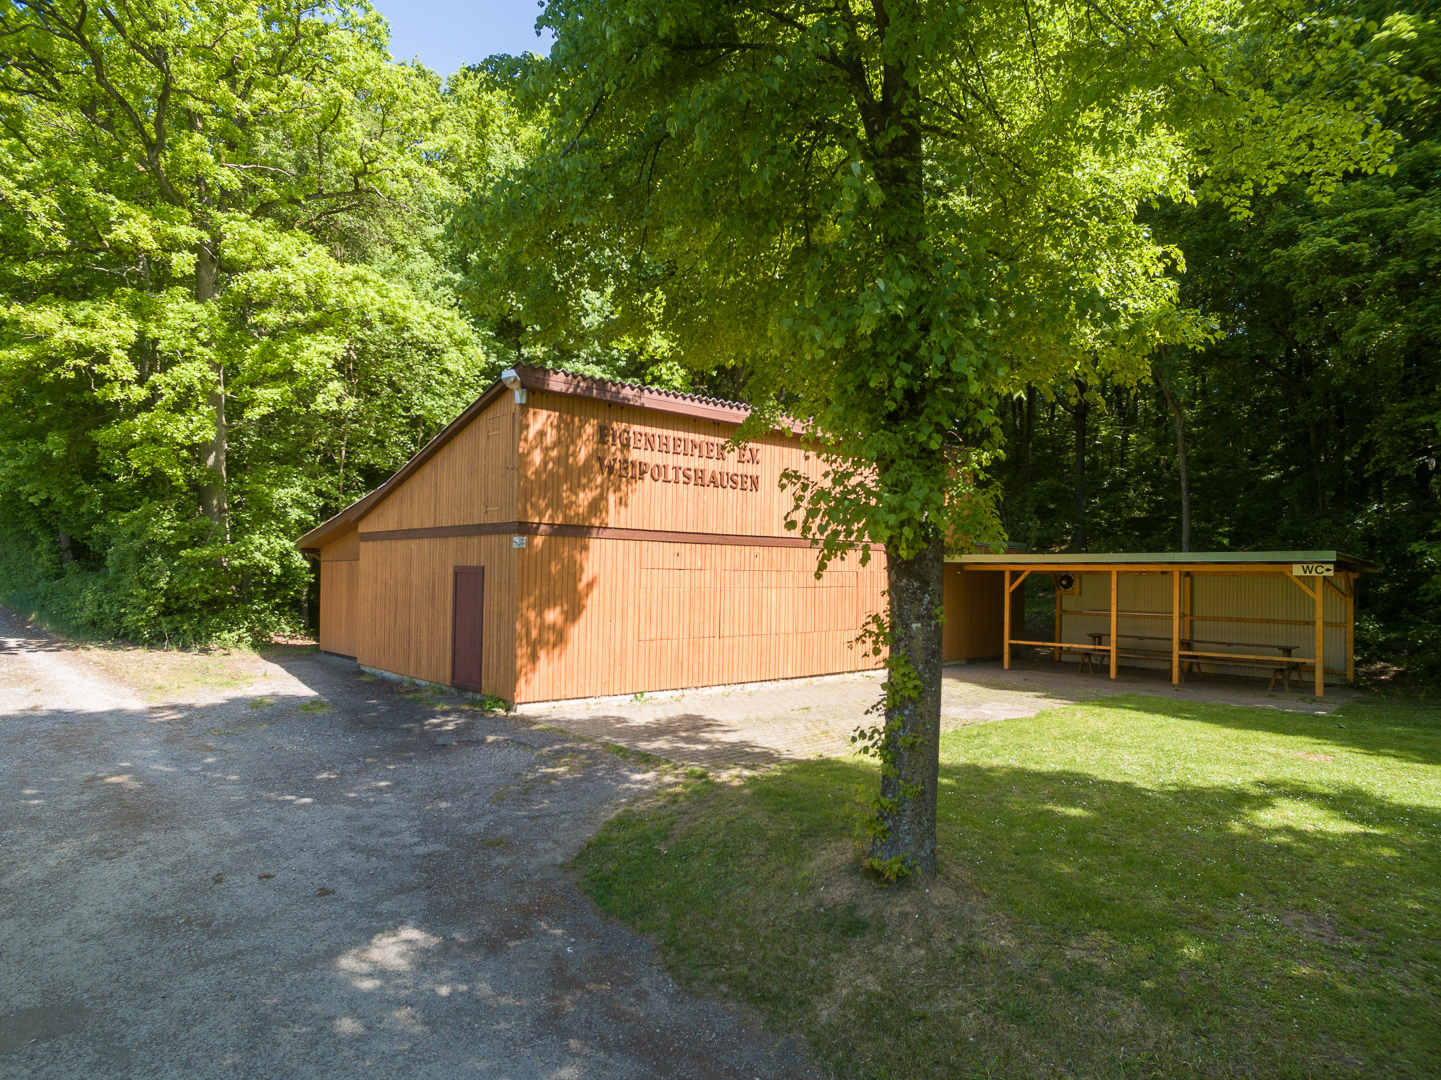 Vereinshütte Eigenheimer e. V. Weipoltshausen.jpg